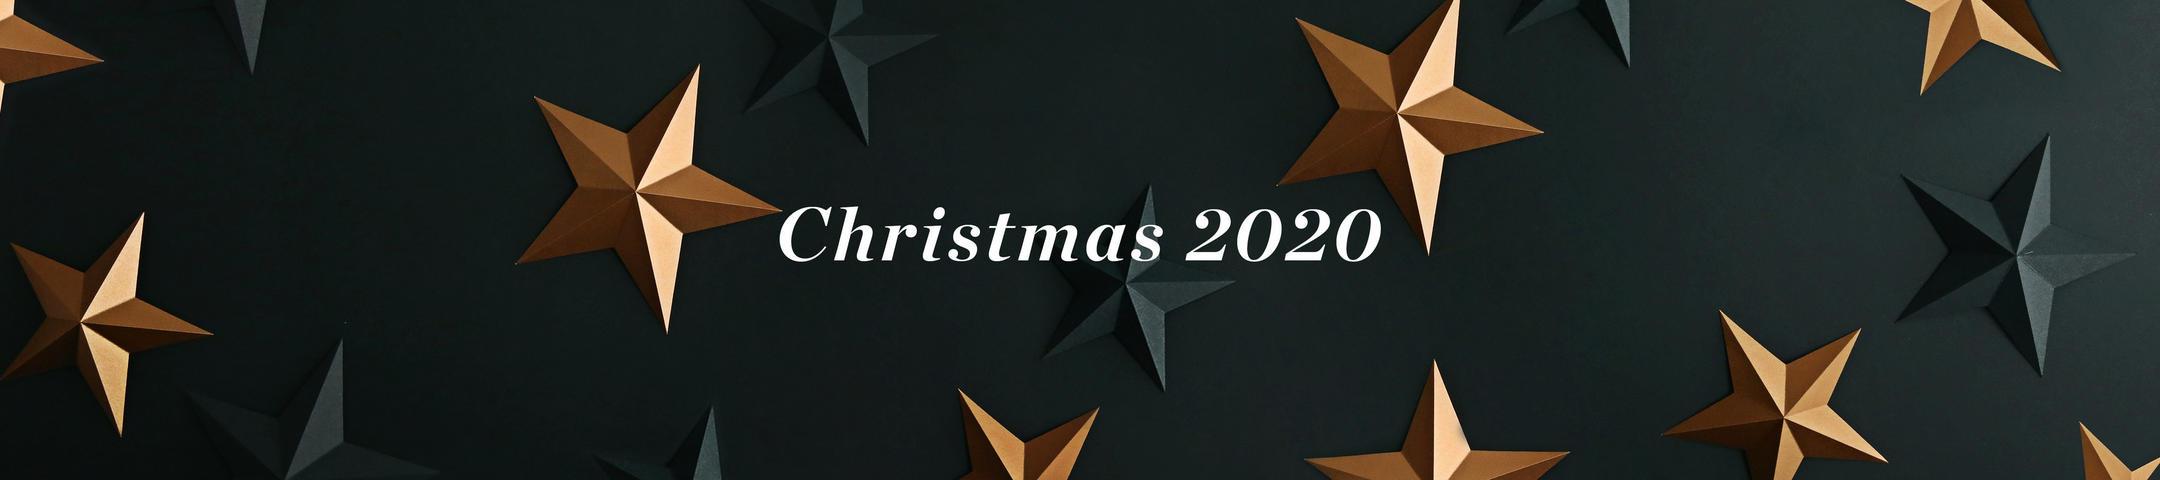 Christmas 2020 _